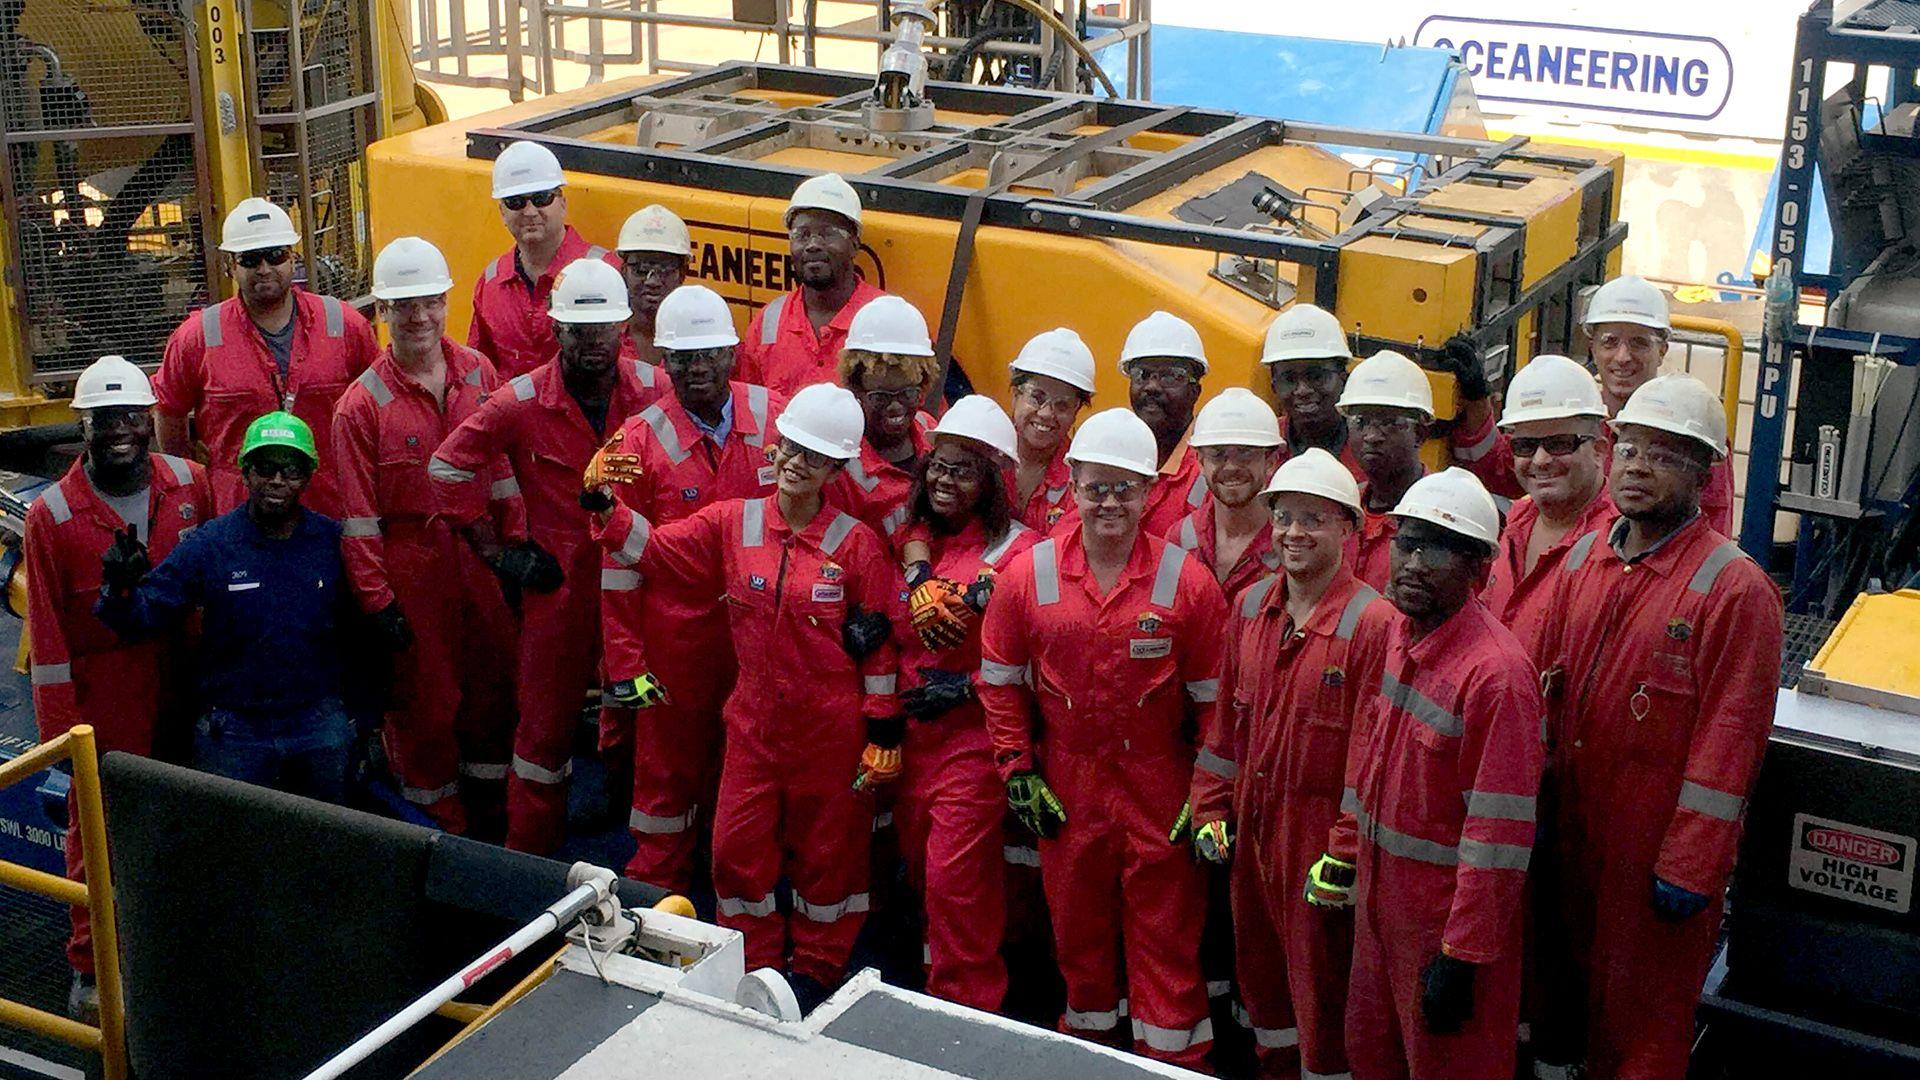 A multinacional americana líder de prestação de serviço de engenharia no setor offshore da indústria de óleo e gás Oceaneering busca hoje por técnicos para Macaé